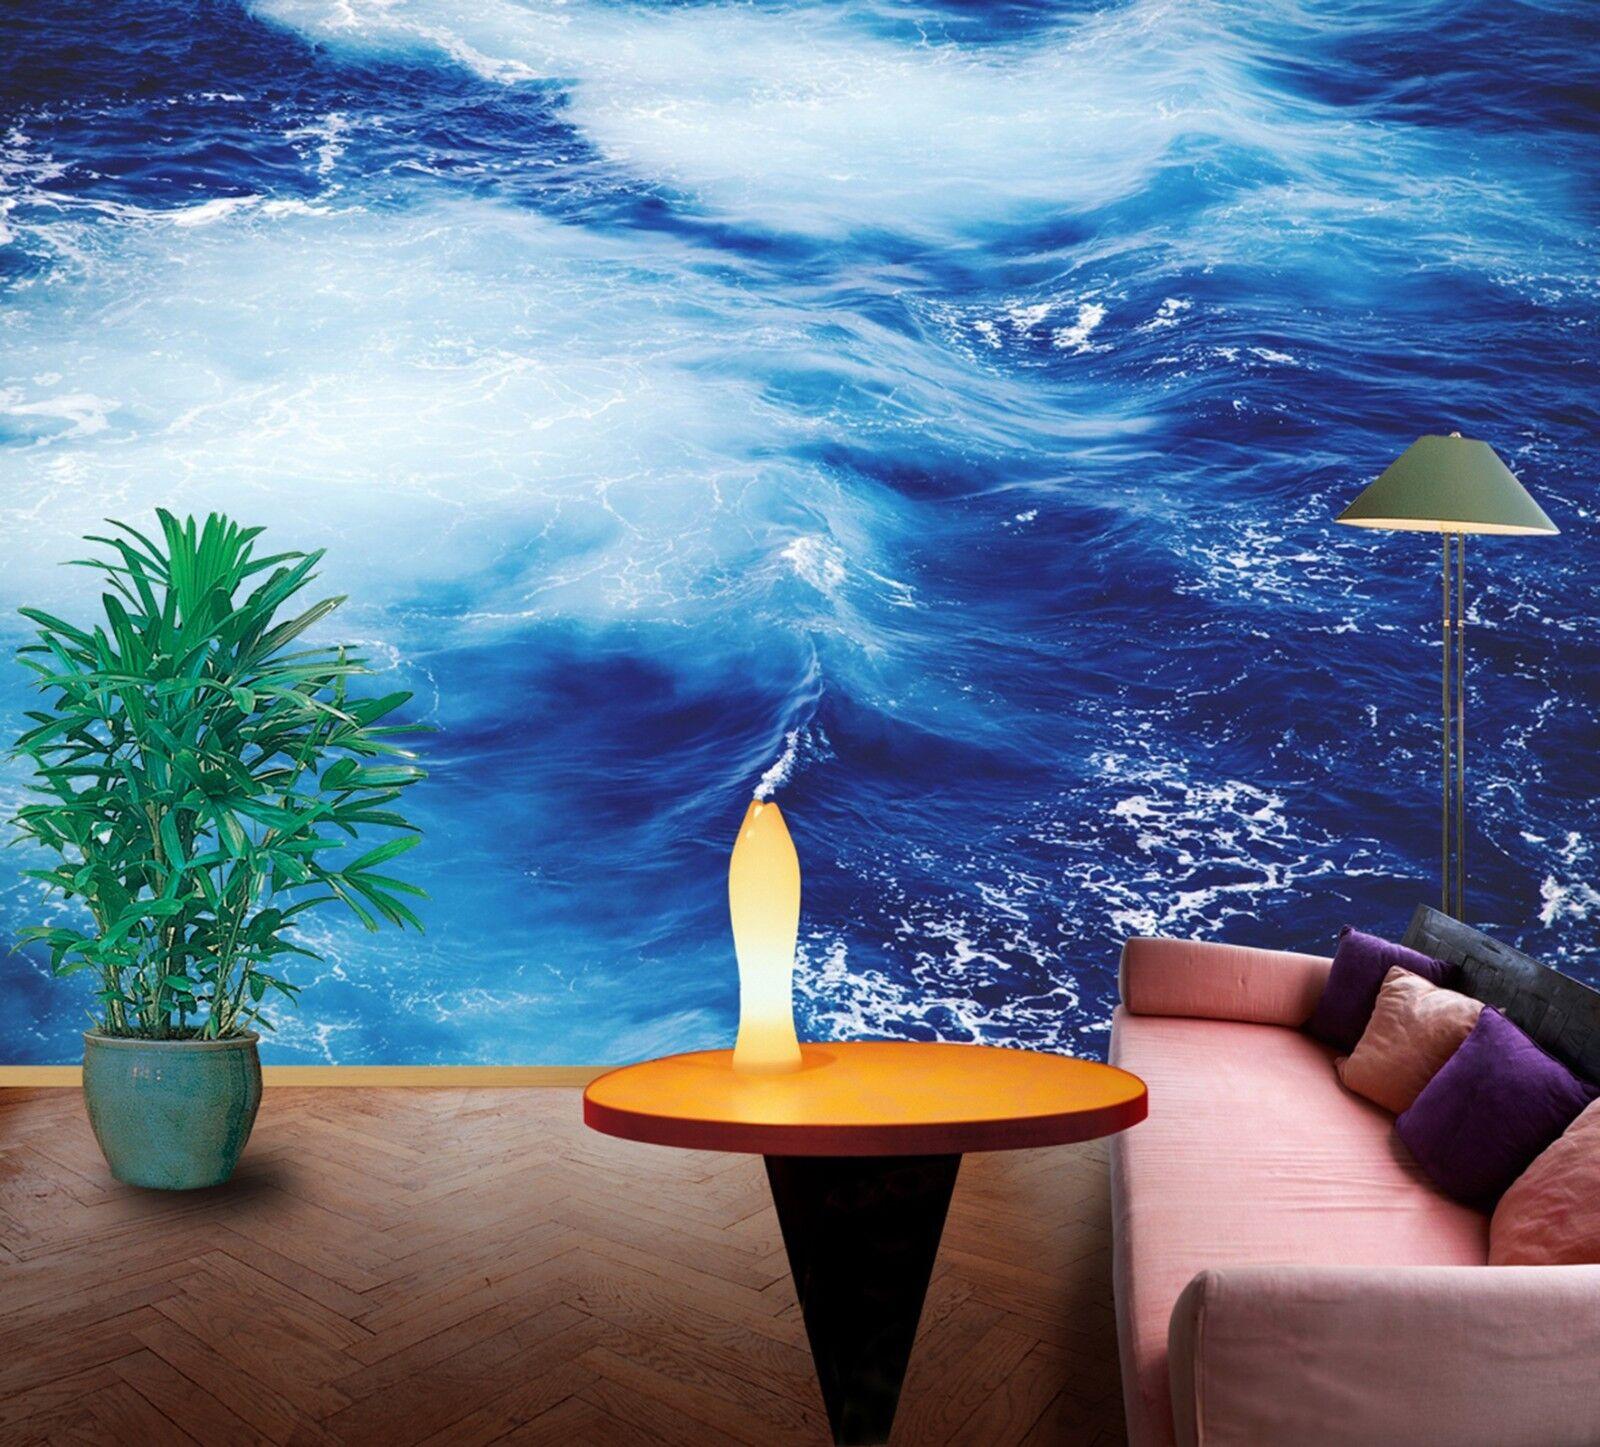 3D Blaue Meereswellen 972 972 972 Tapete Wandgemälde Tapeten Bild Familie DE Lemon | Innovation  | Won hoch geschätzt und weithin vertraut im in- und Ausland vertraut  | Lebensecht  a29895